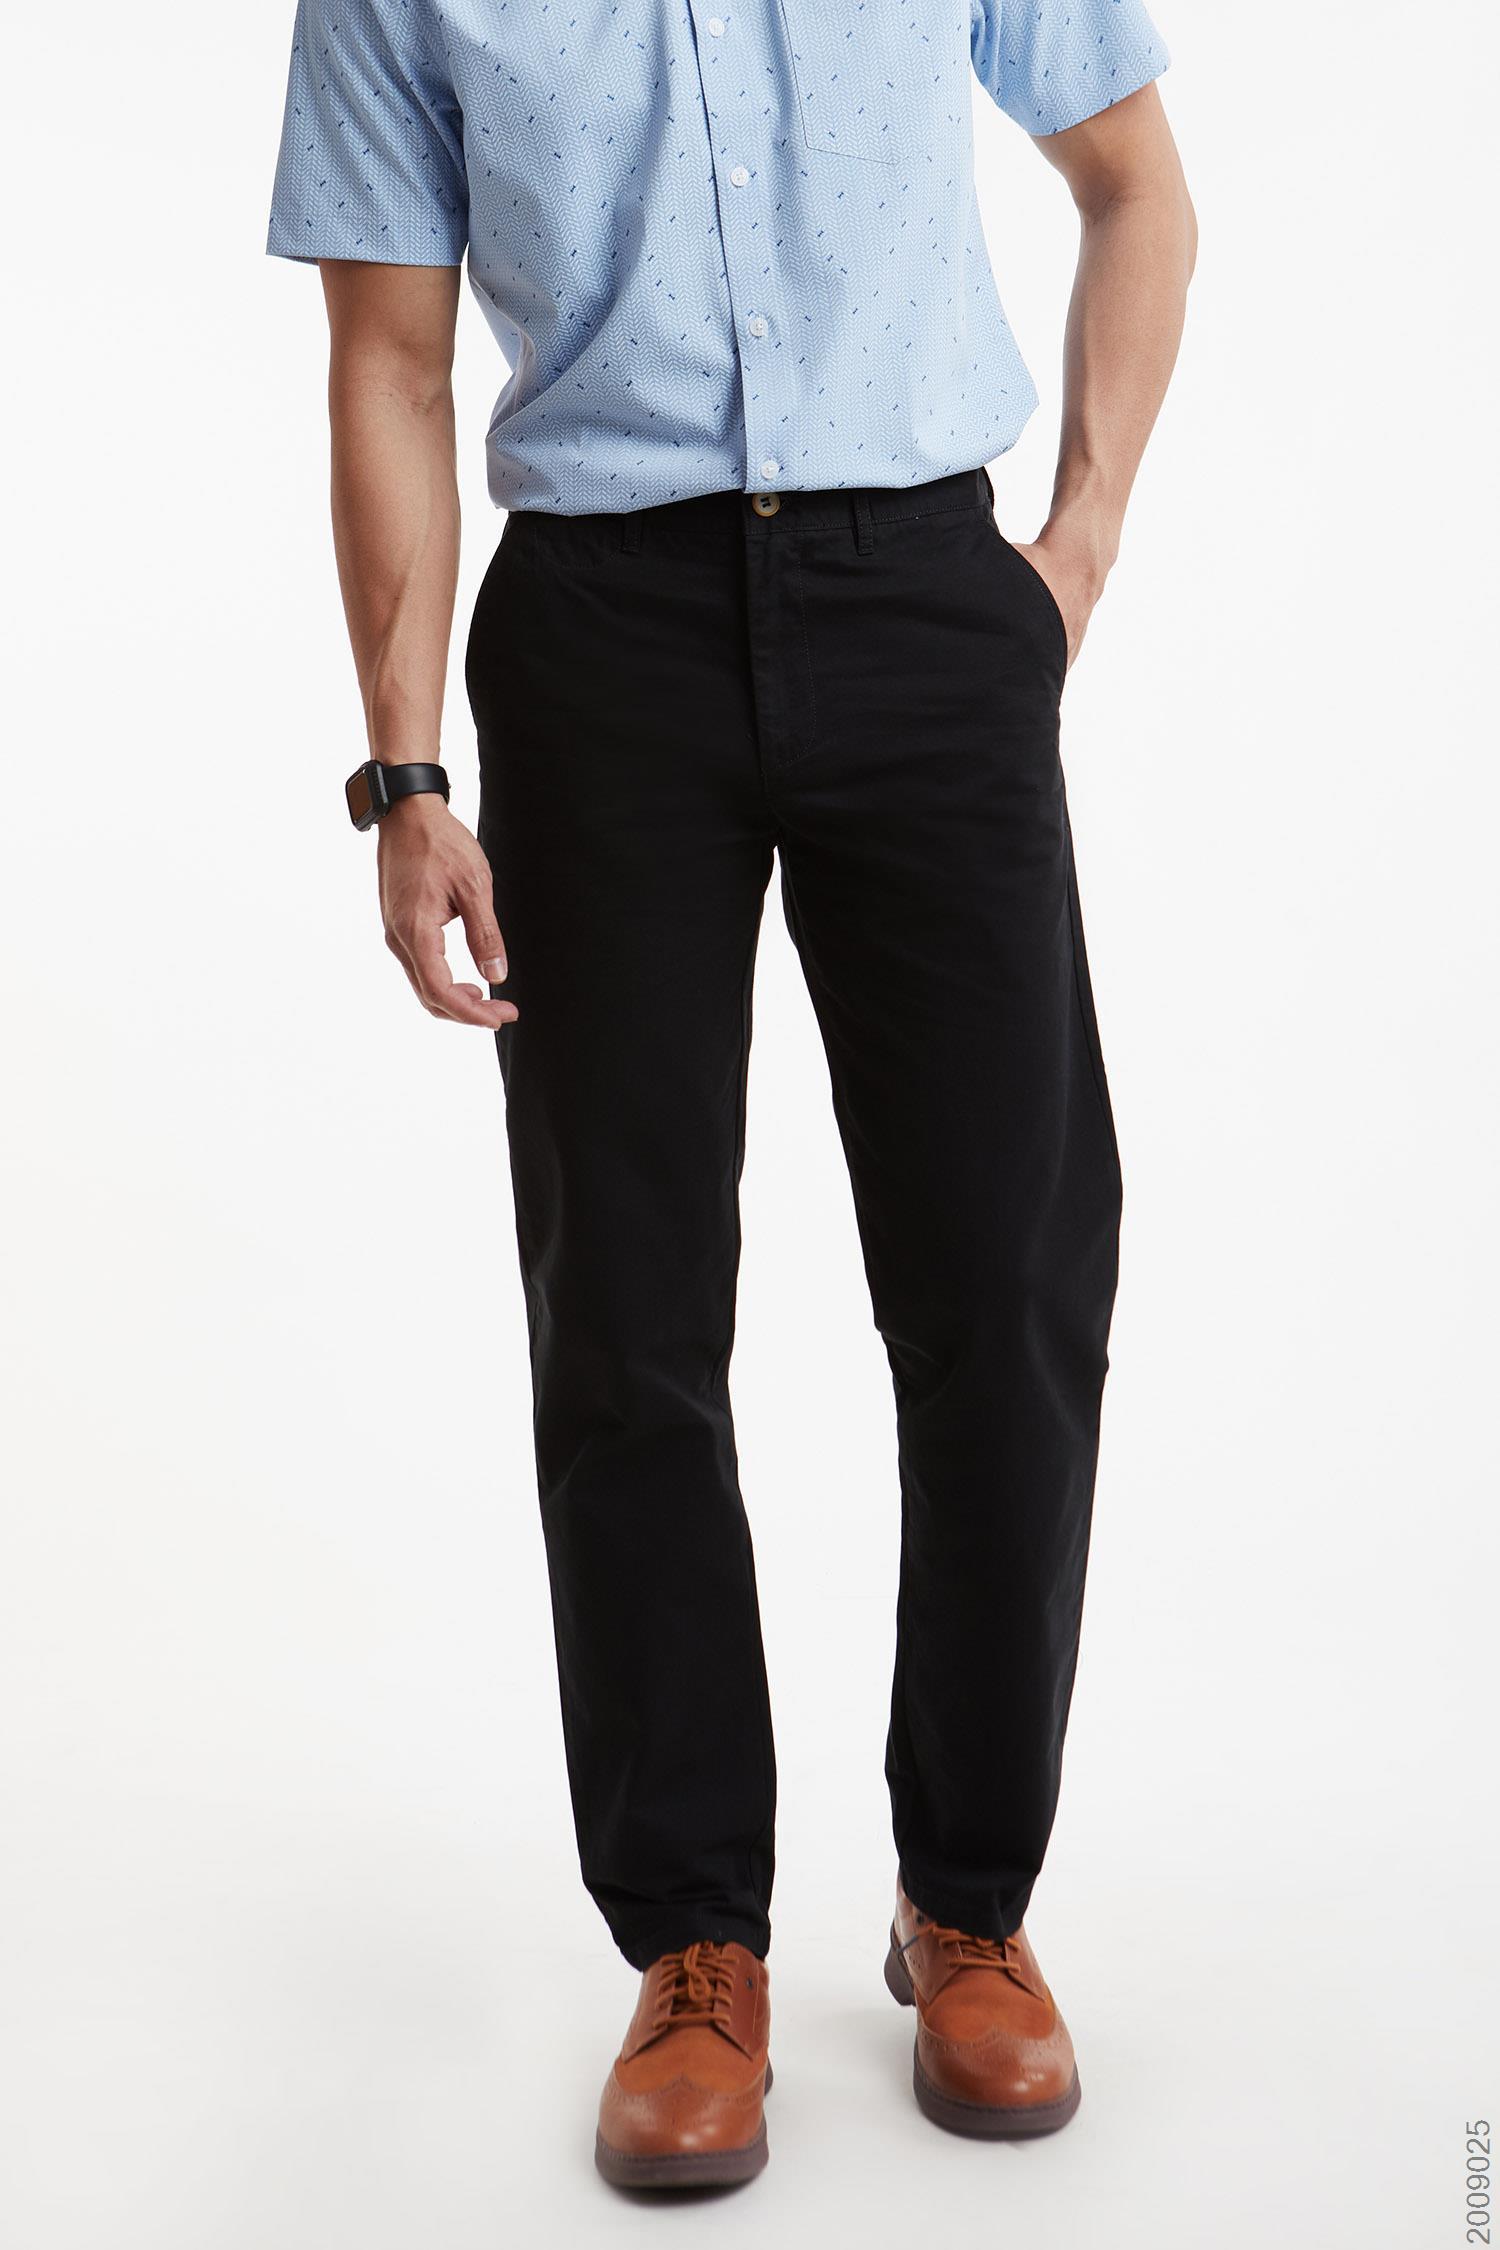 quần kaki nam - 2009025